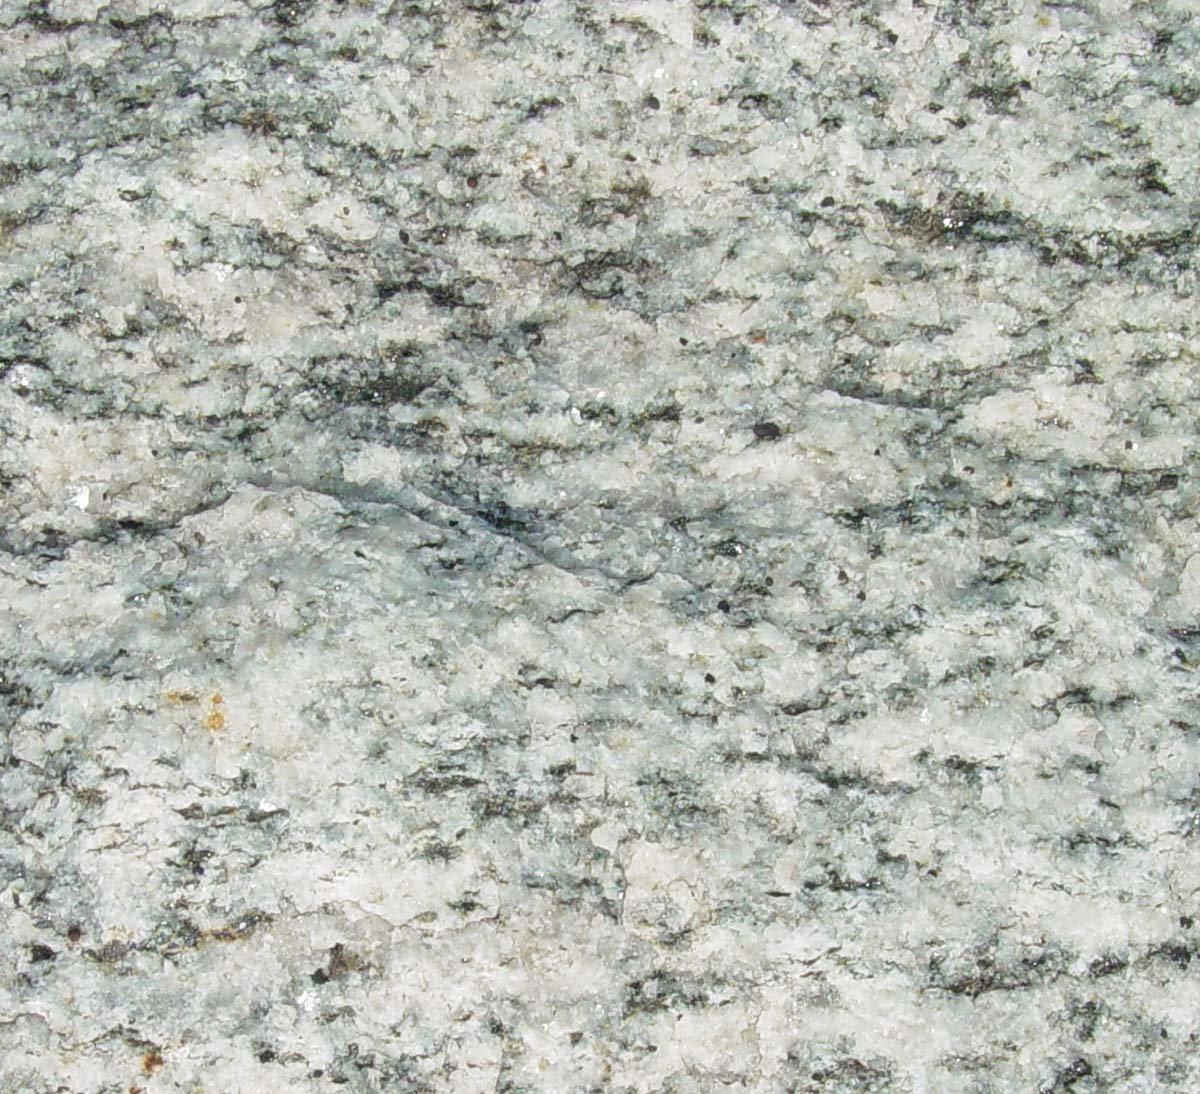 Cobblestone - Jumbo Gray Belgium Block